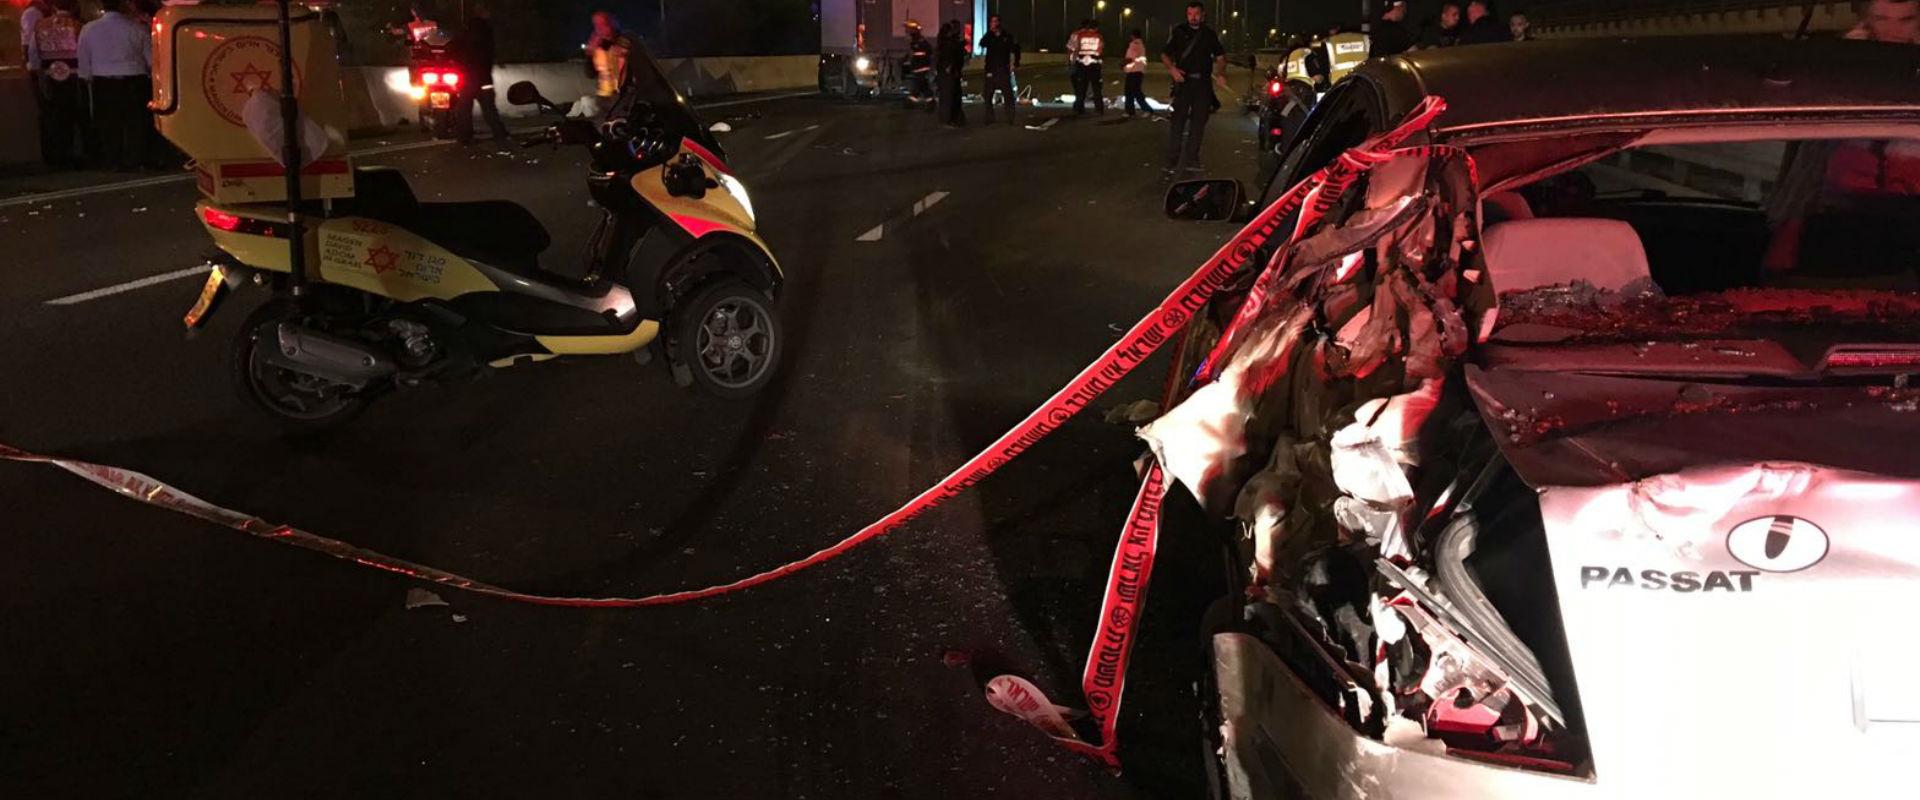 זירת התאונה בה נהרגו 3 צעירים הלילה בכביש 4